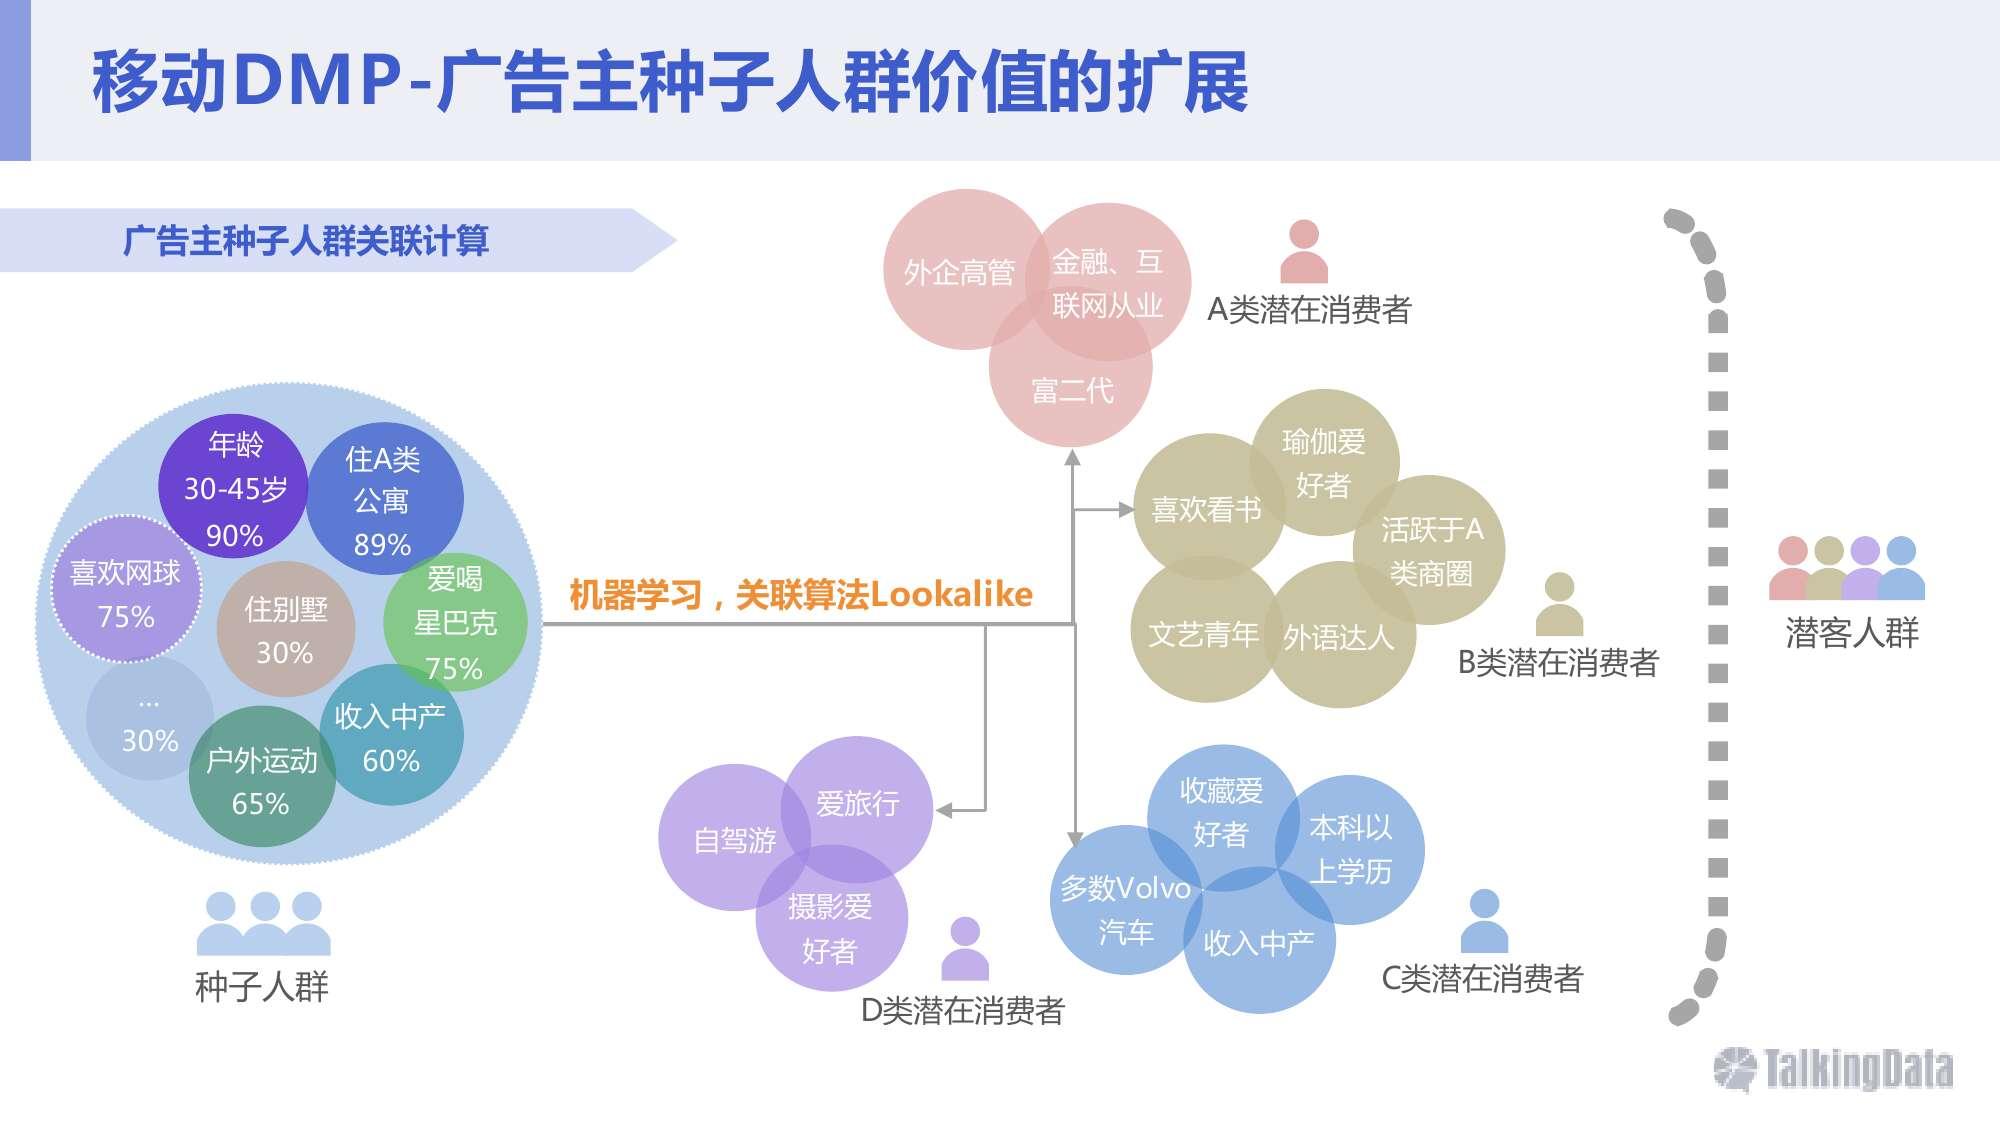 2015年移动广告行业报告_000026